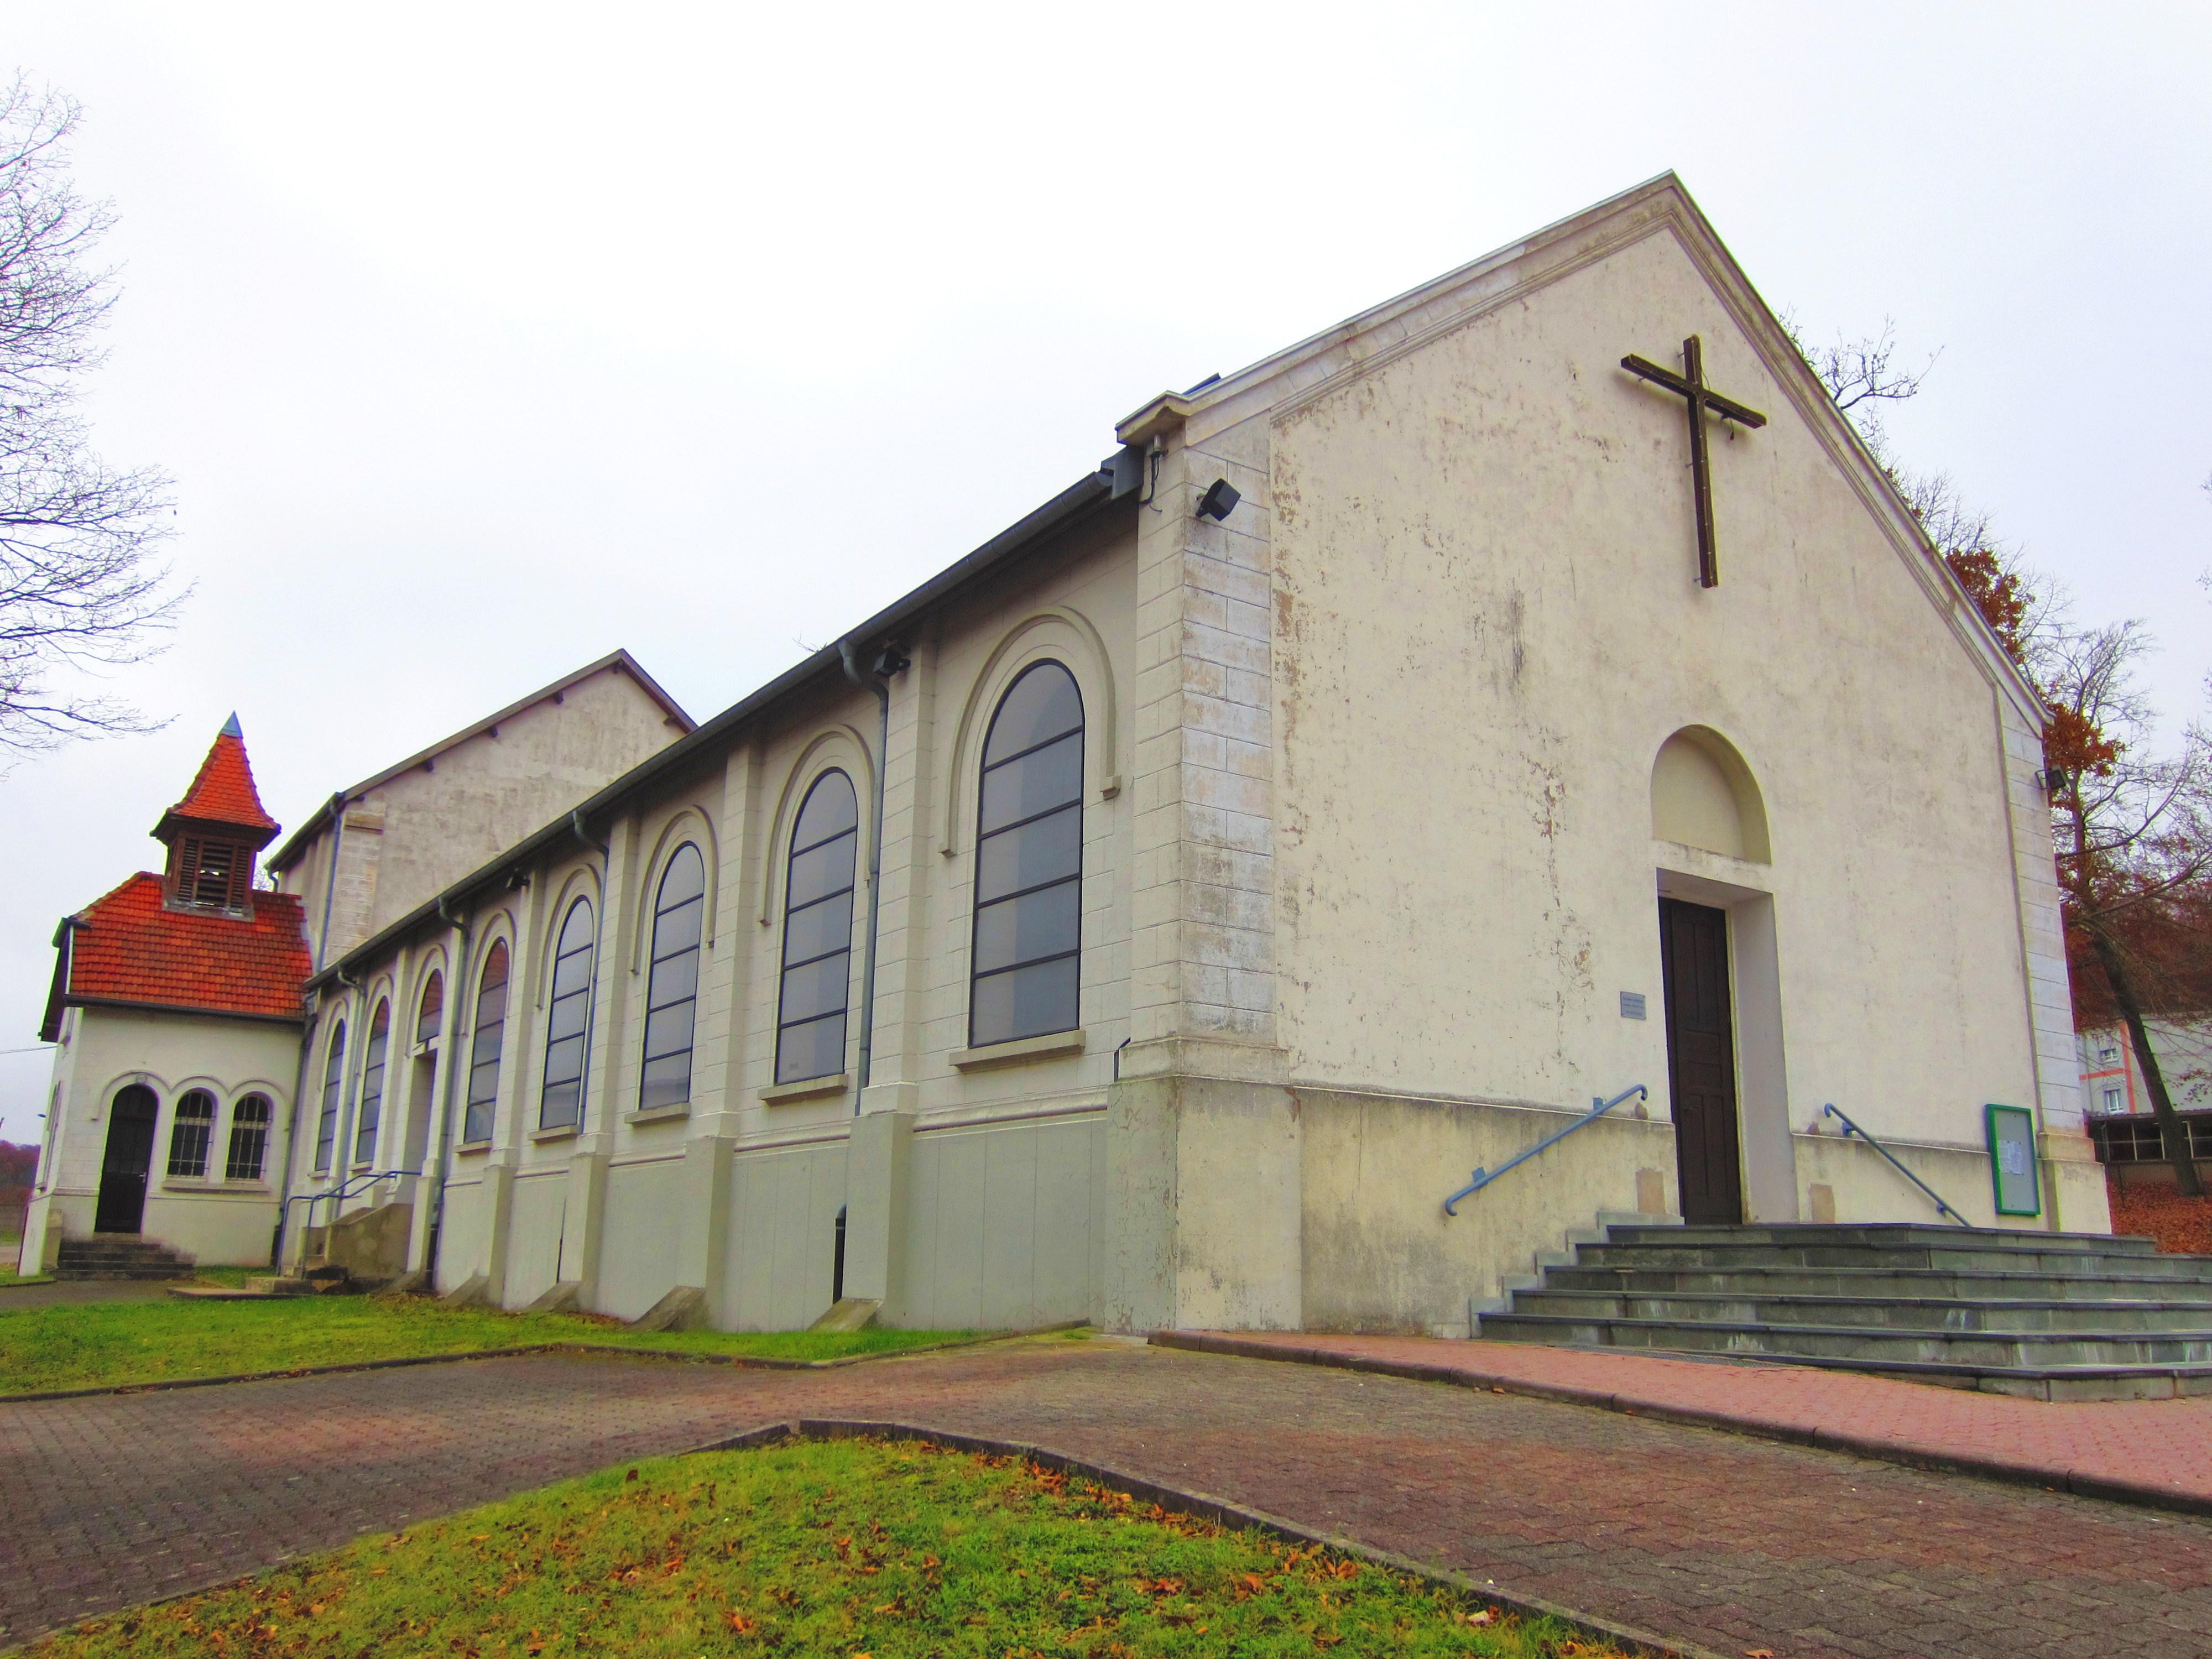 fichier:eglise cite jeanne arc saint avold — wikipédia